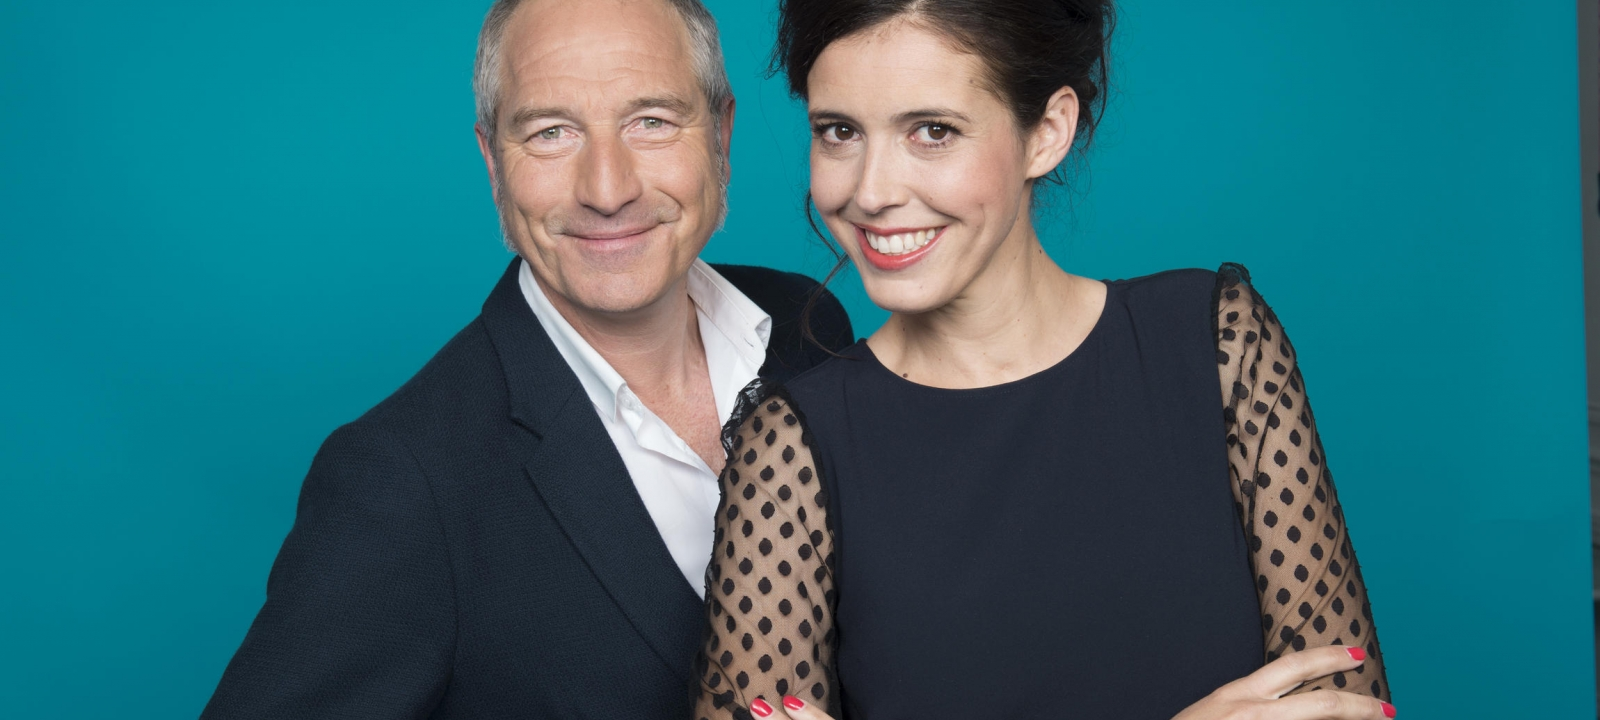 Stéphane Marie et Carole Tolila : ambassadeurs Foire de Paris 2018